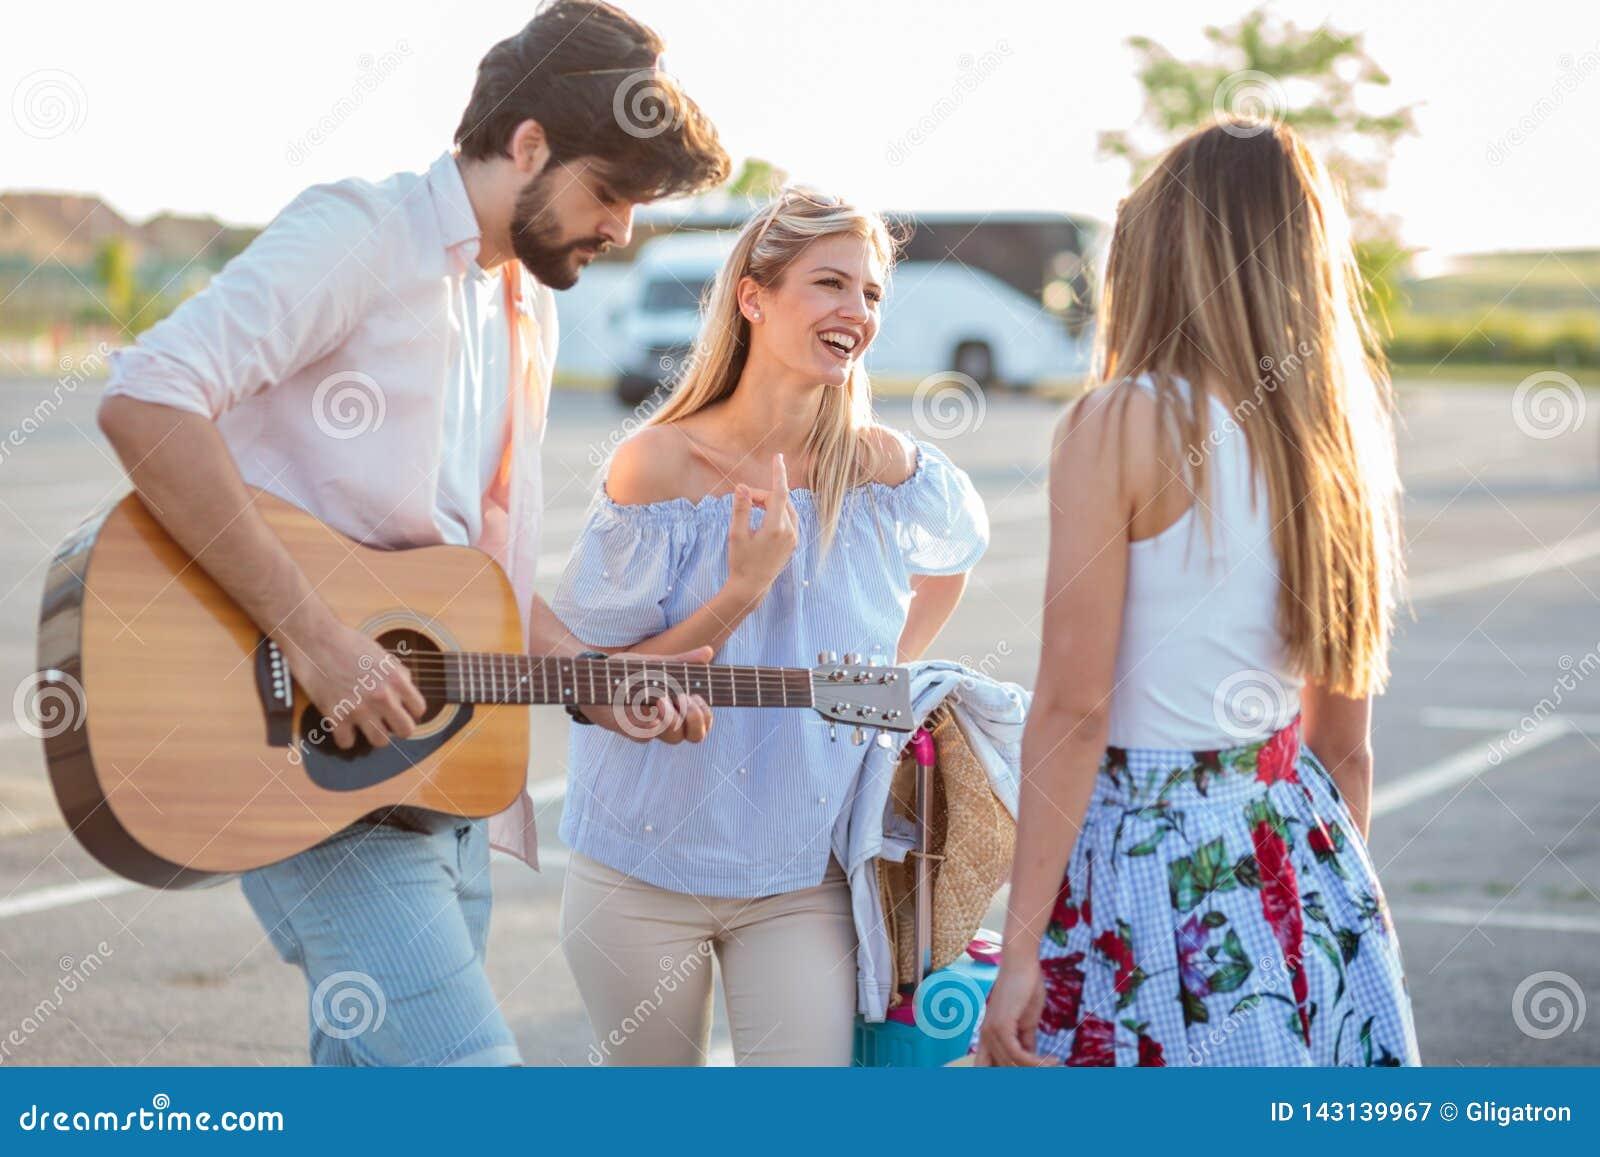 Gruppe junge Touristen, die Spaß haben und Gitarre in einem Parkplatz, Wartetransport spielen